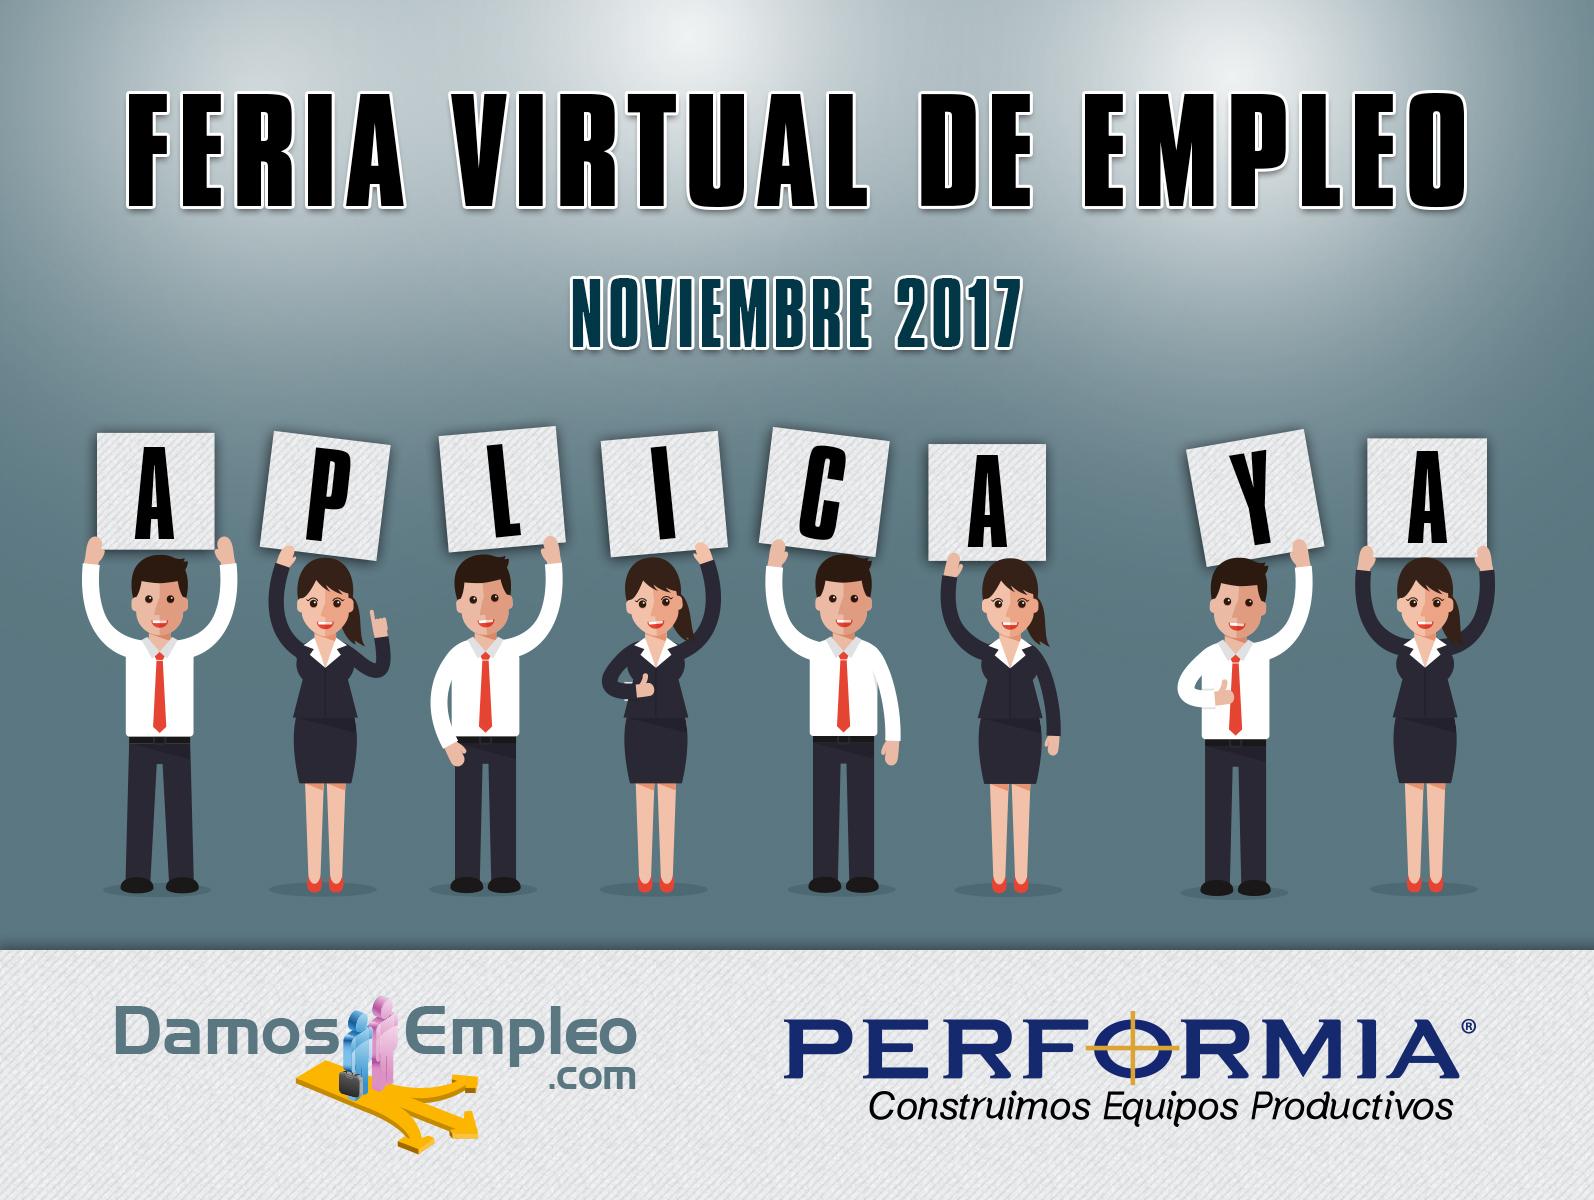 Previa feria virtual de empleo noviembre 2017 for Ina virtual de empleo